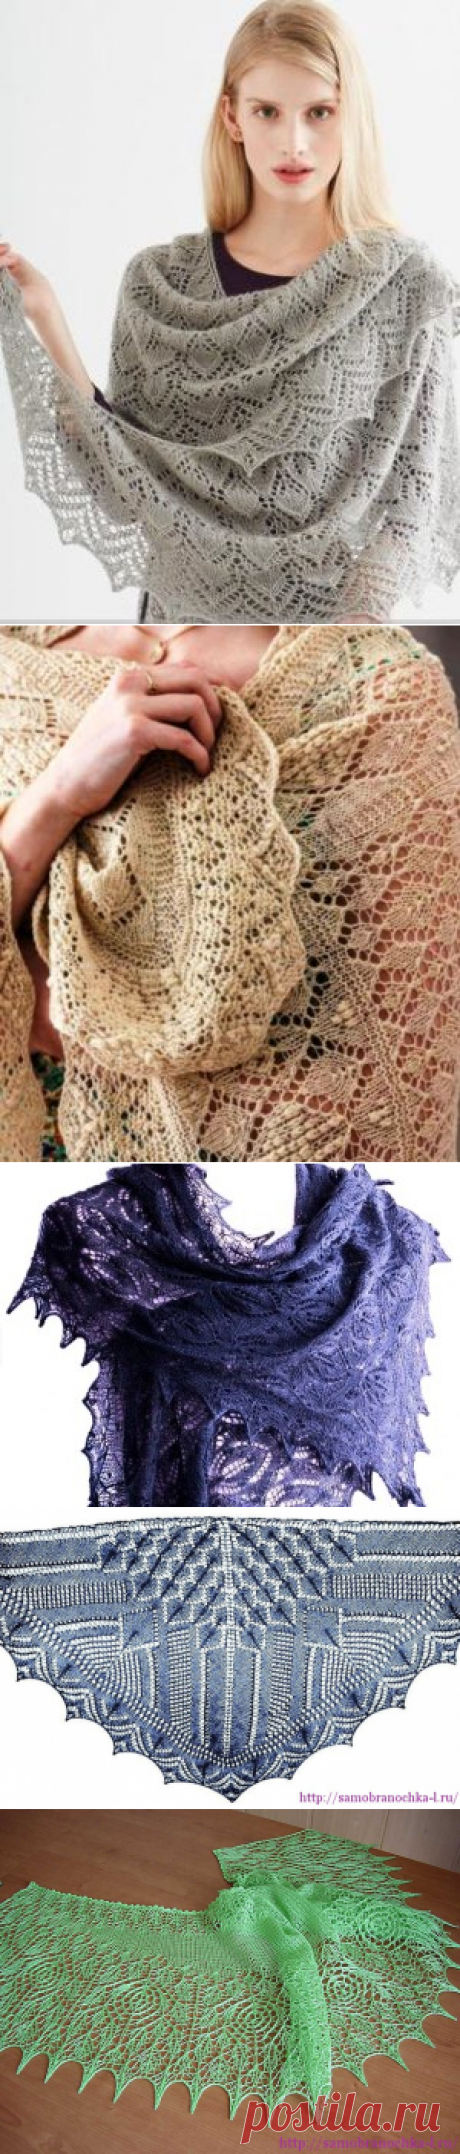 Вязание спицами: красивые шали (более 100 интересных моделей, ажурных узоров с описанием, схемами)